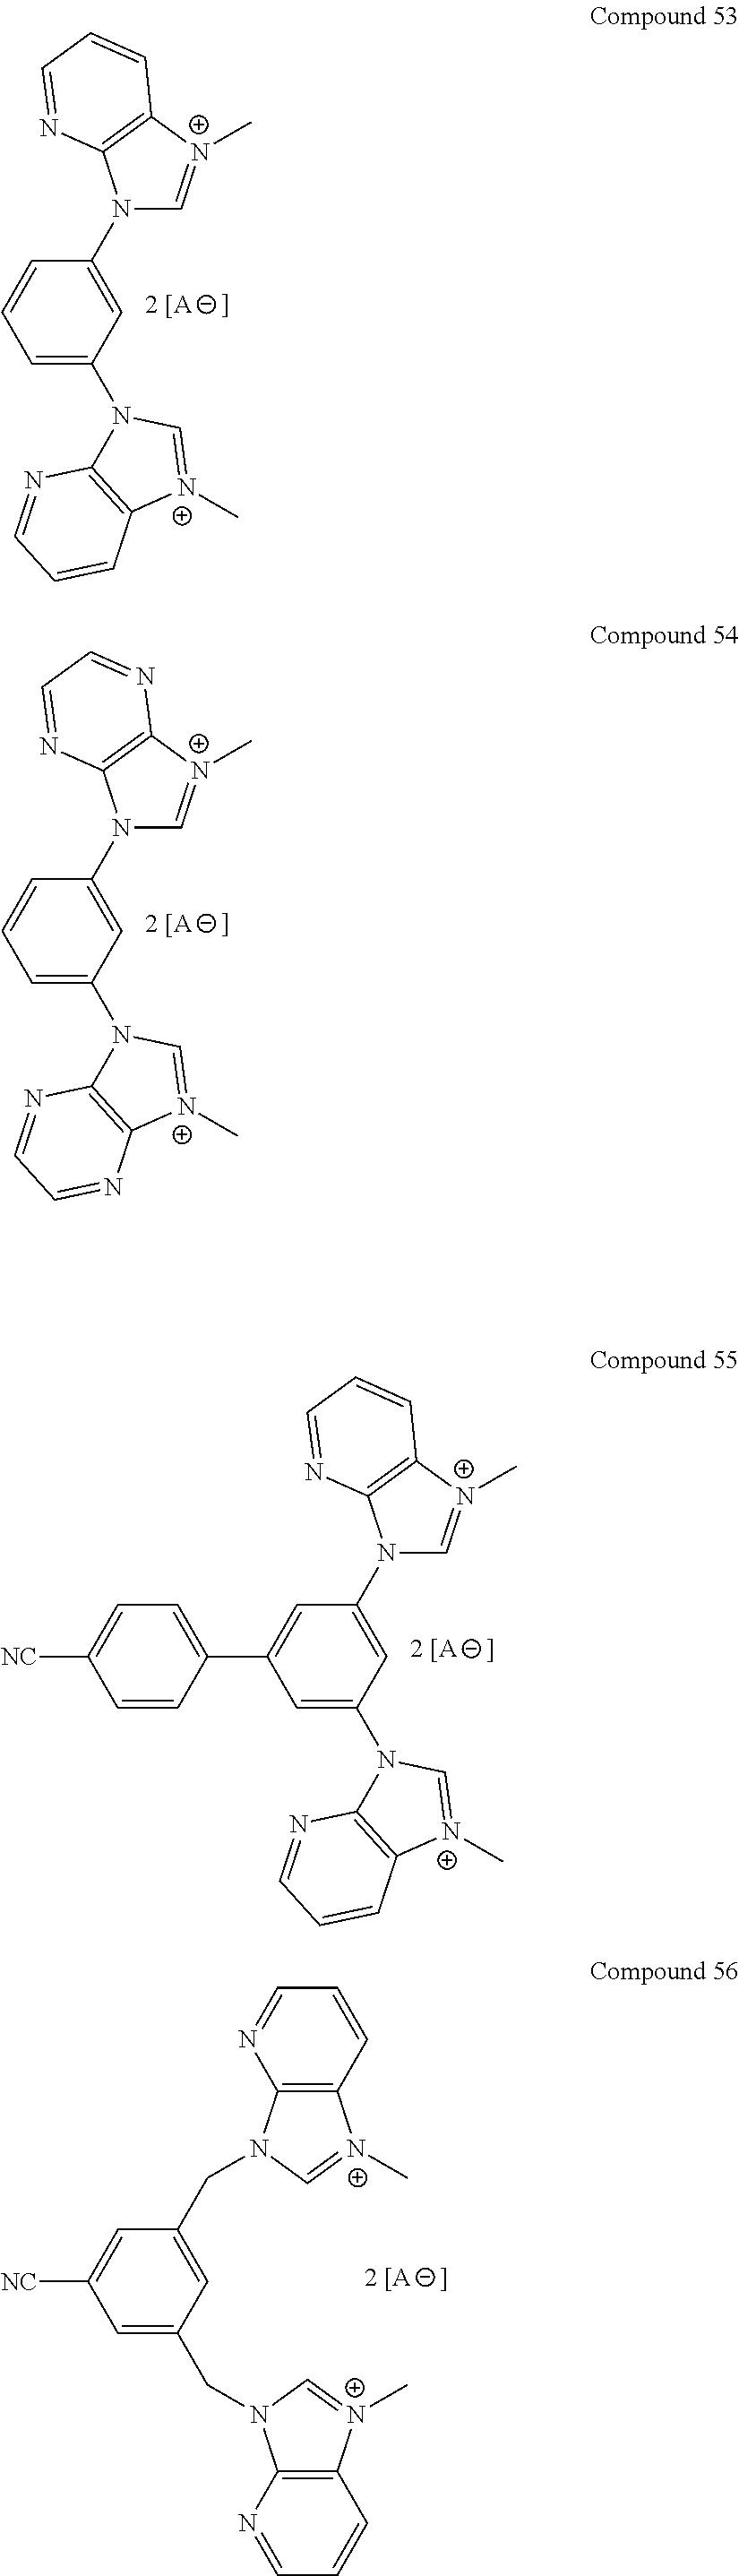 Figure US08563737-20131022-C00019